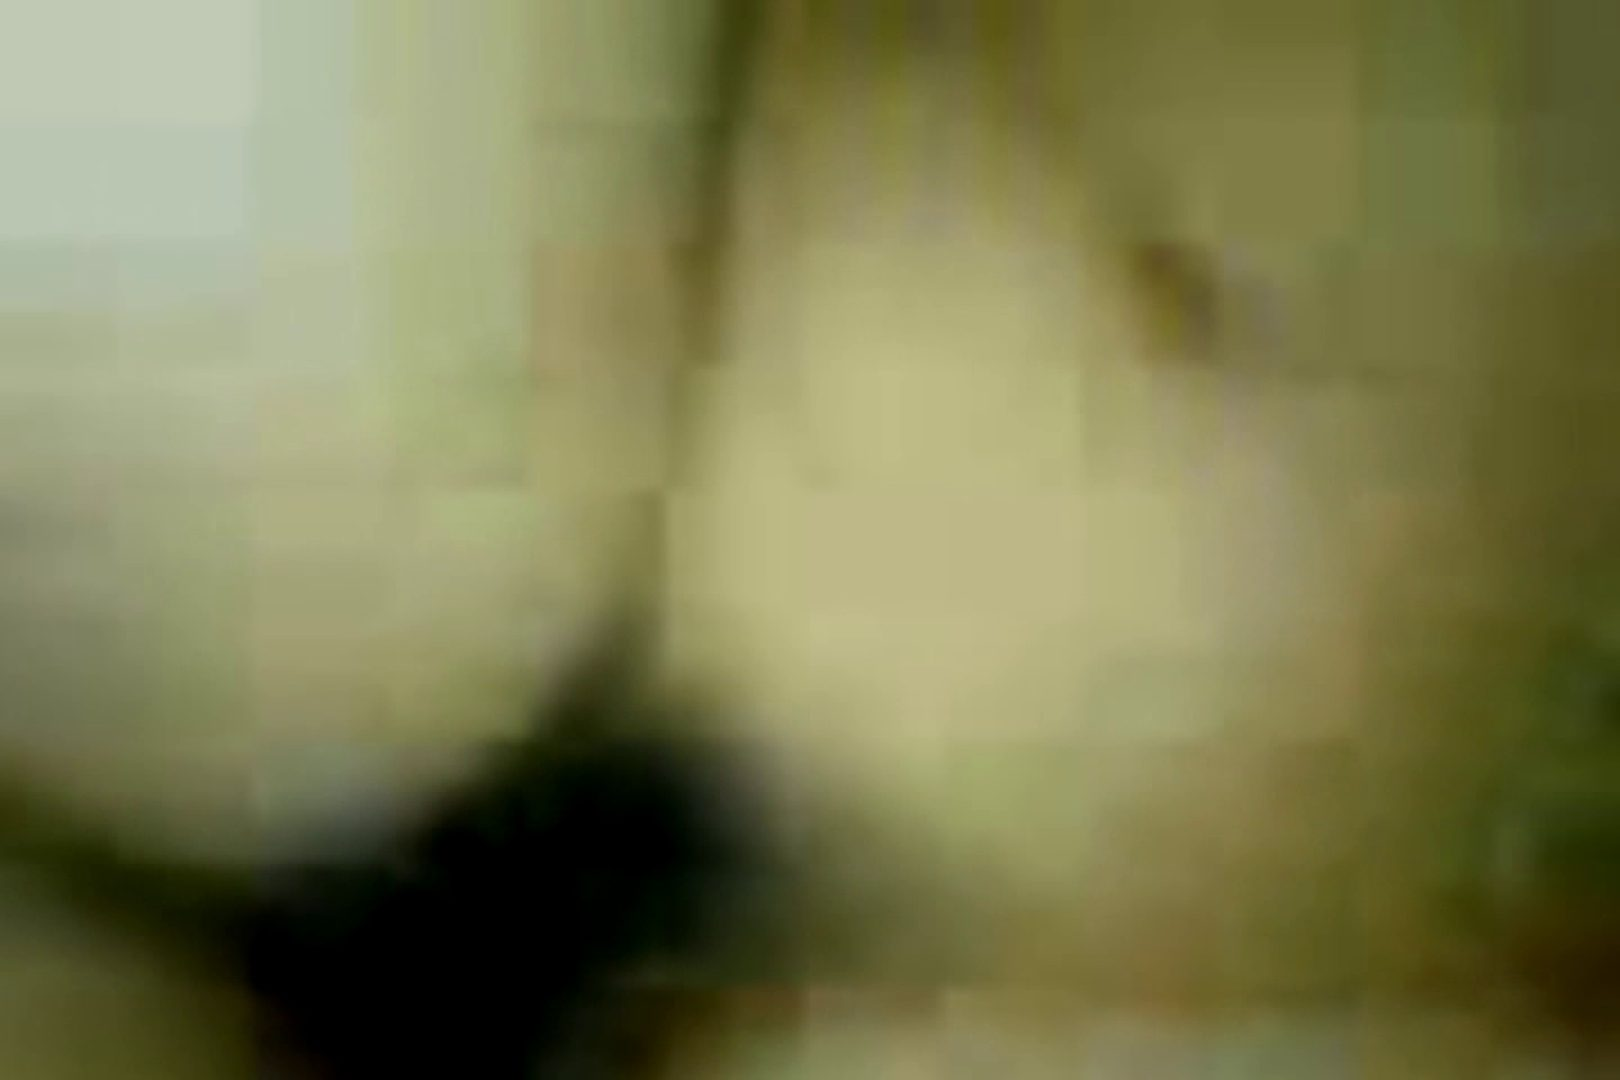 ウイルス流出 串田良祐と小学校教諭のハメ撮りアルバム 学校の中は、、  75連発 4